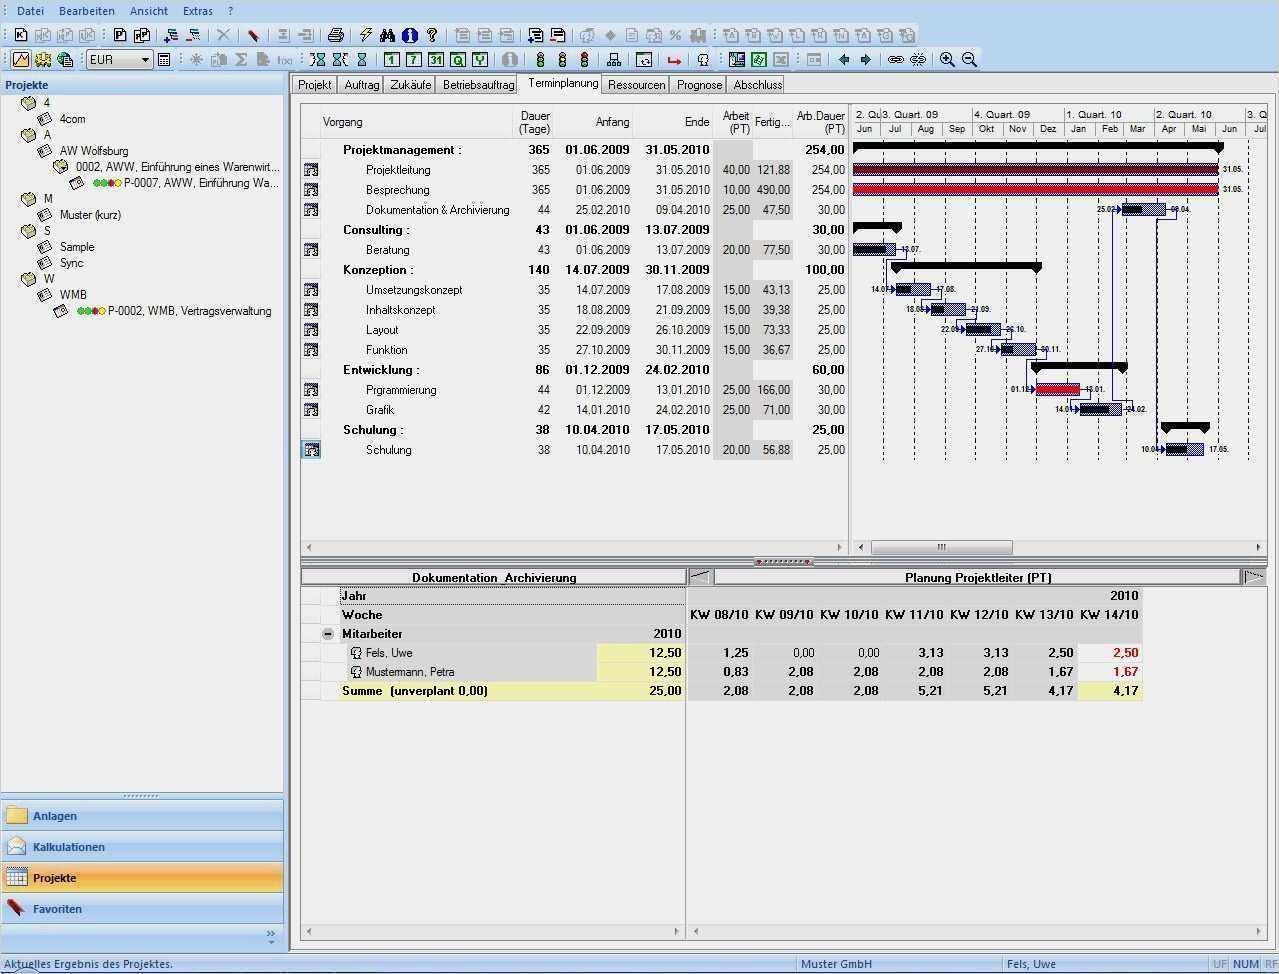 33 Hubsch Finanzierungsrechner Excel Vorlage Bilder In 2020 Excel Vorlage Vorlagen Geschaftsplan Erstellen